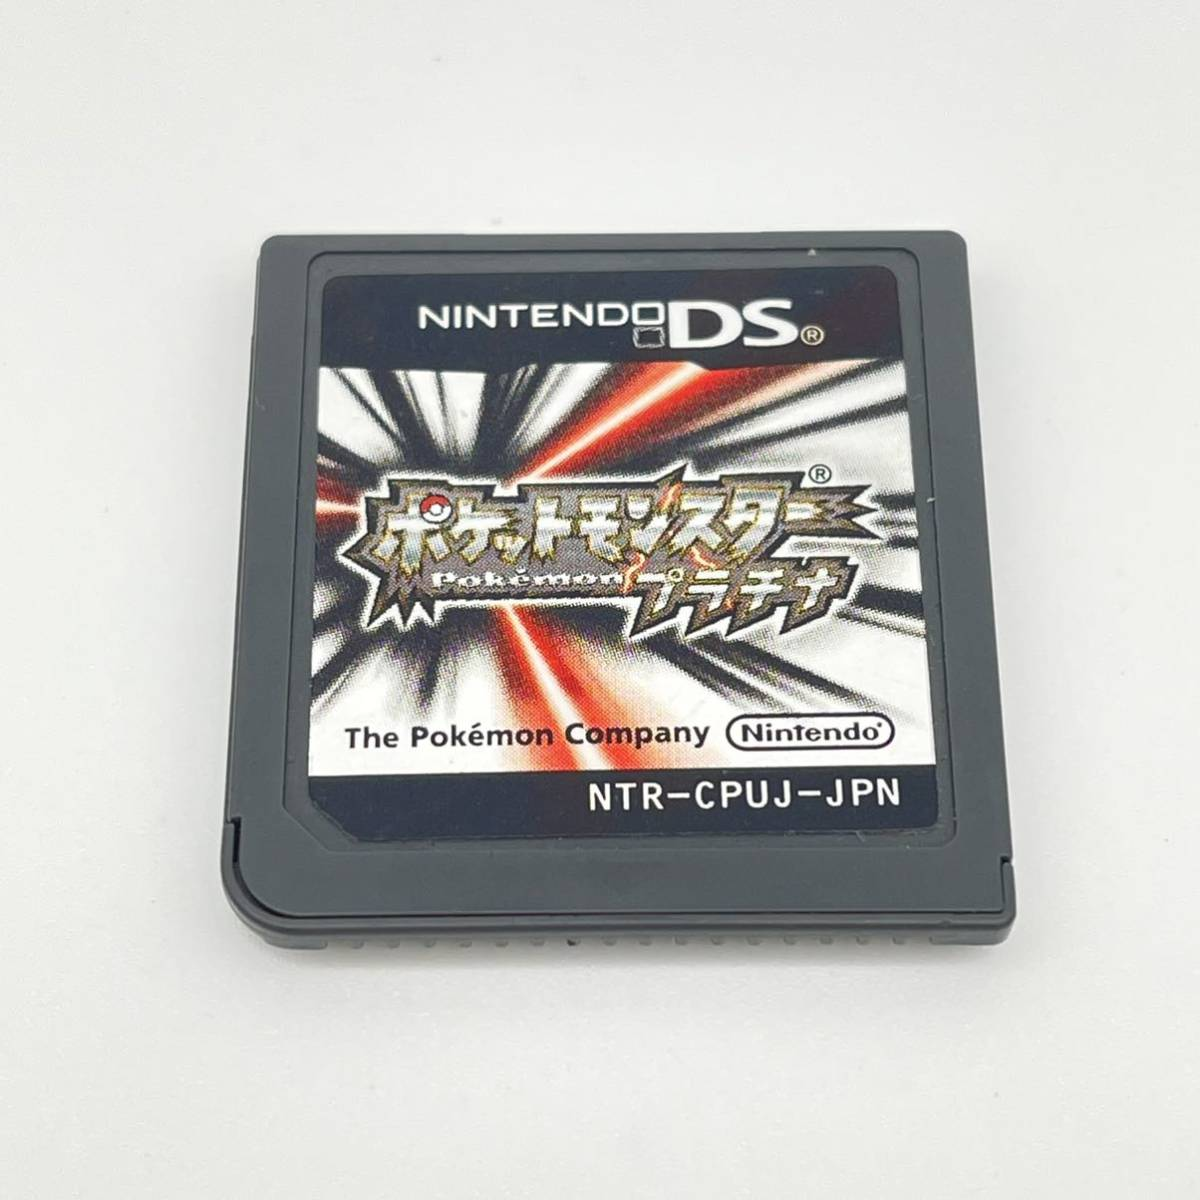 ★中古品★ 即納 ポケットモンスター プラチナ ポケモン Nintendo Pokemon 任天堂 ニンテンドー DSソフト